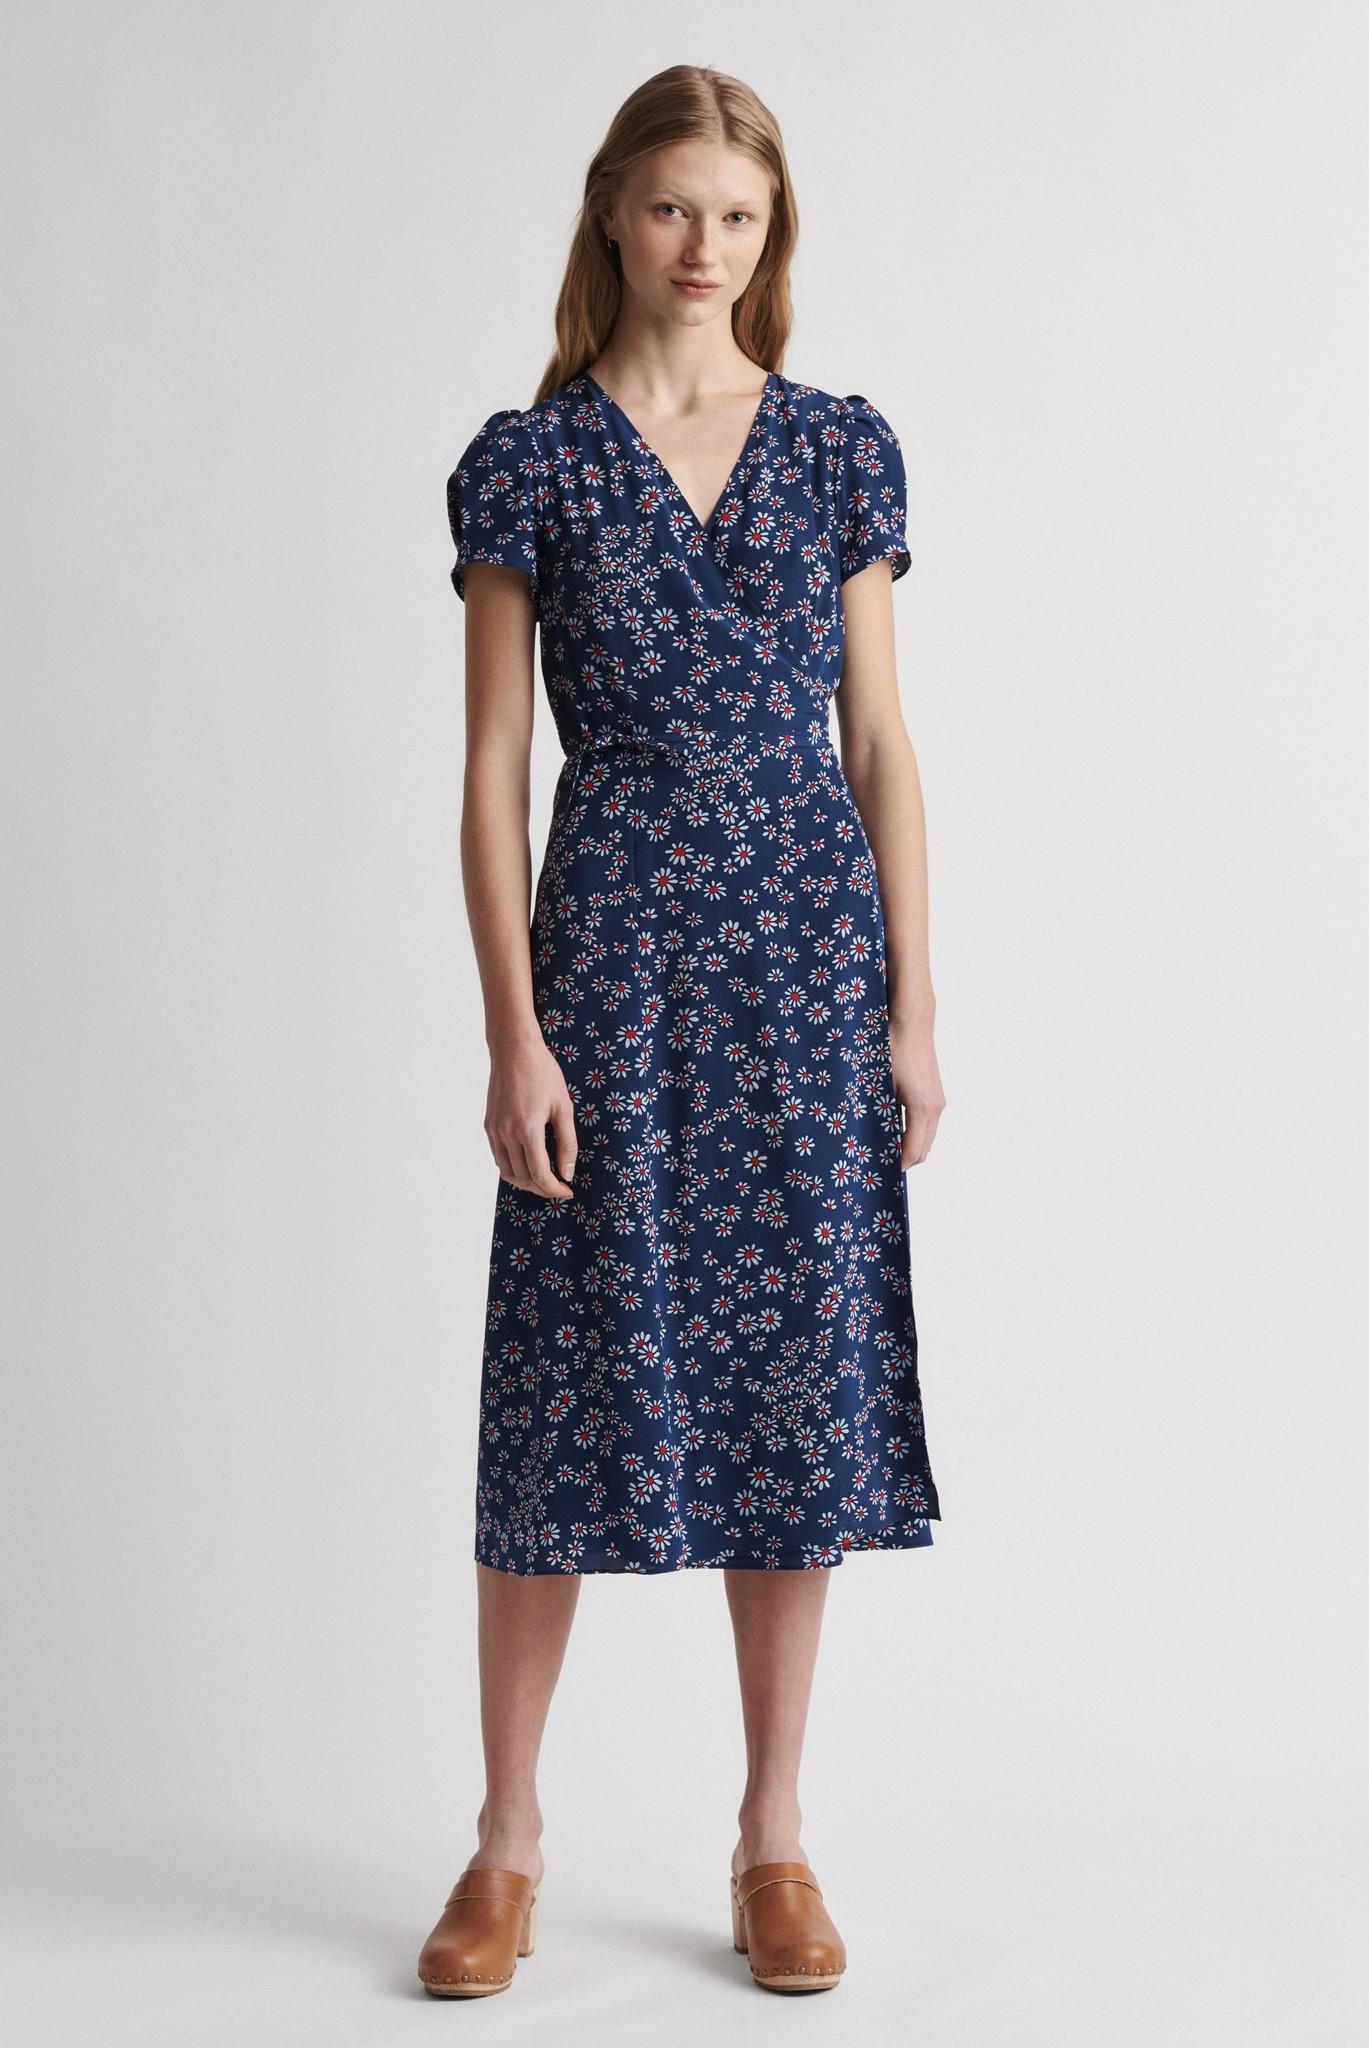 SARA - Платье с запахом из шелка с принтом